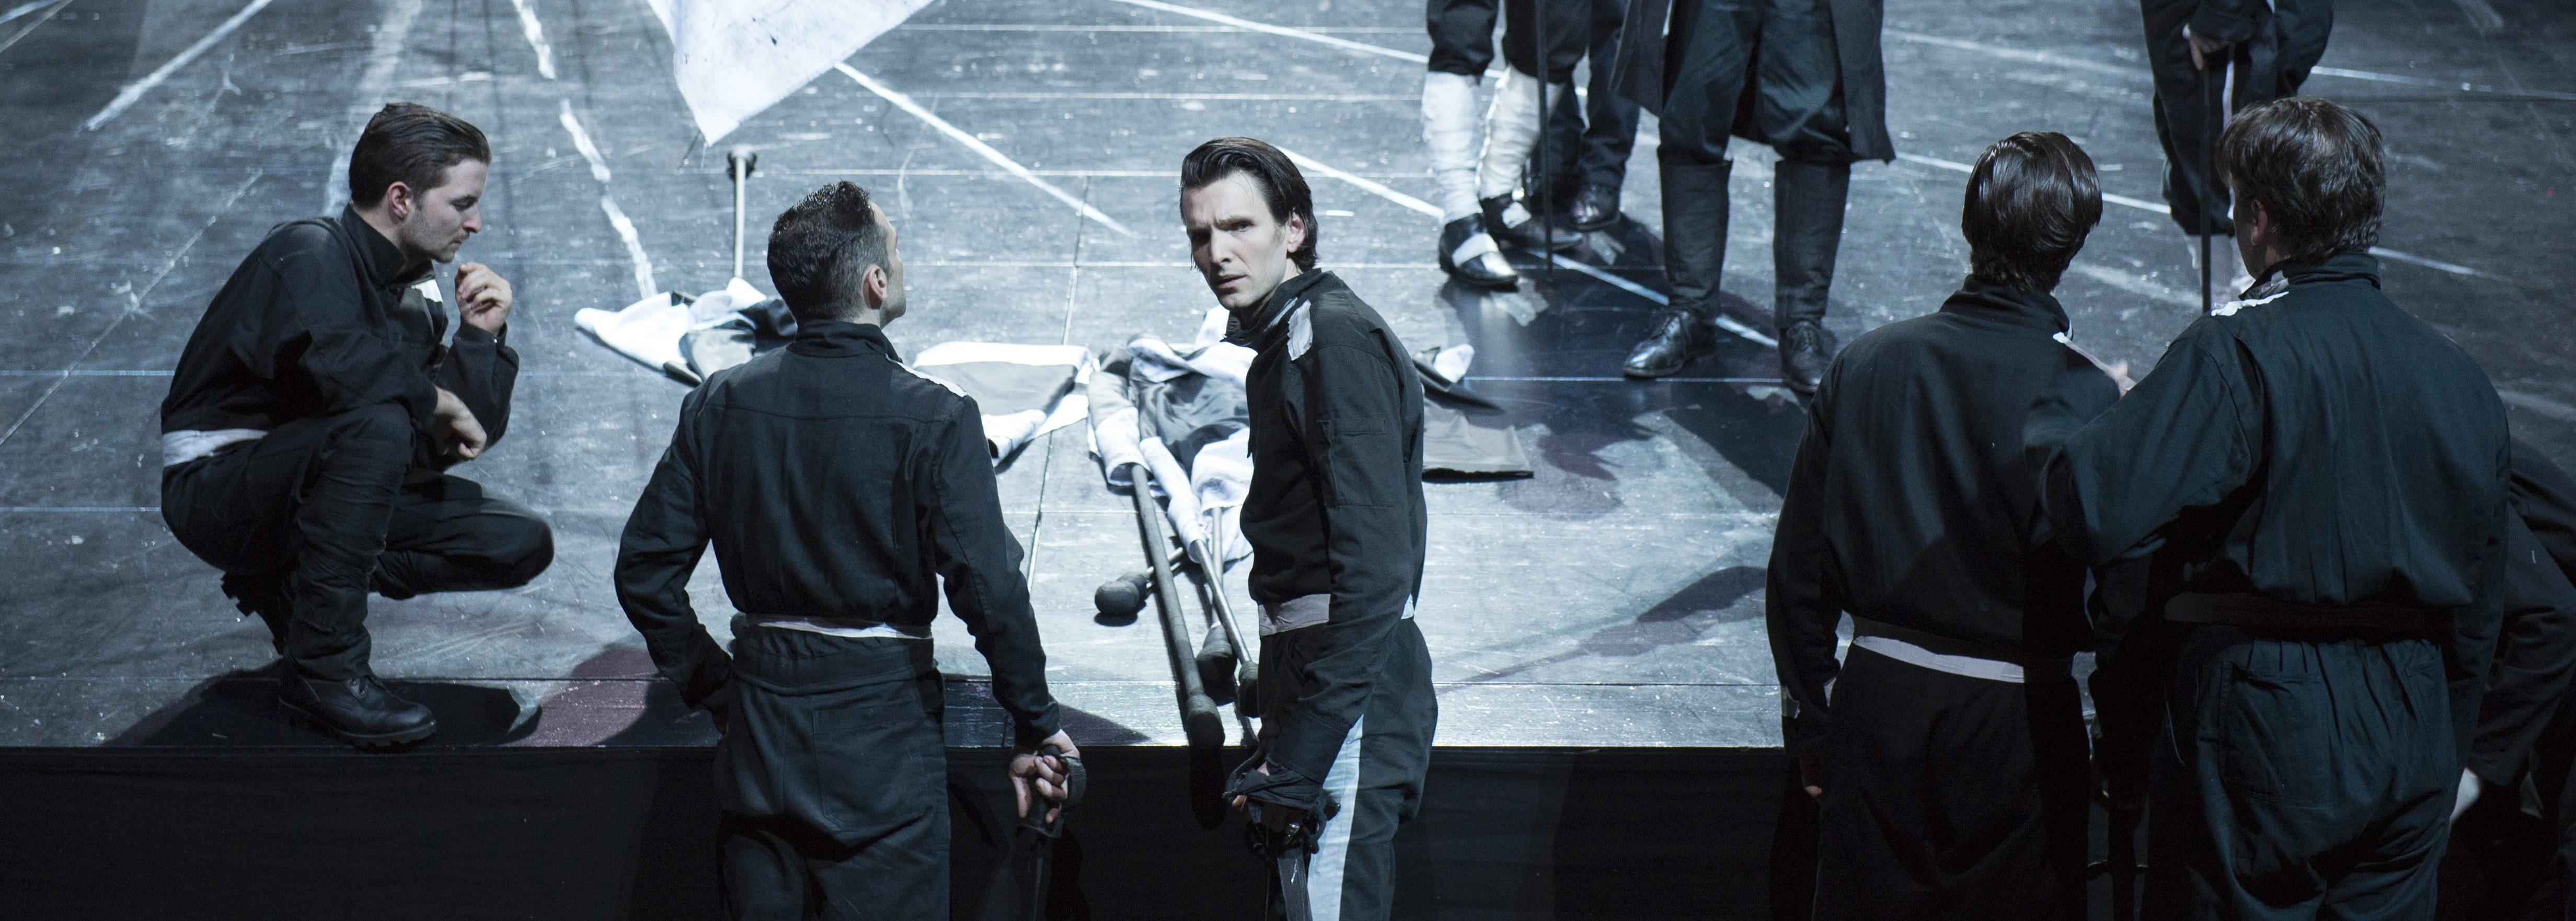 Ende einer Ära: Sabin Tambrea (3.v.l.) in der Titelrolle – Foto: Monika Rittershaus